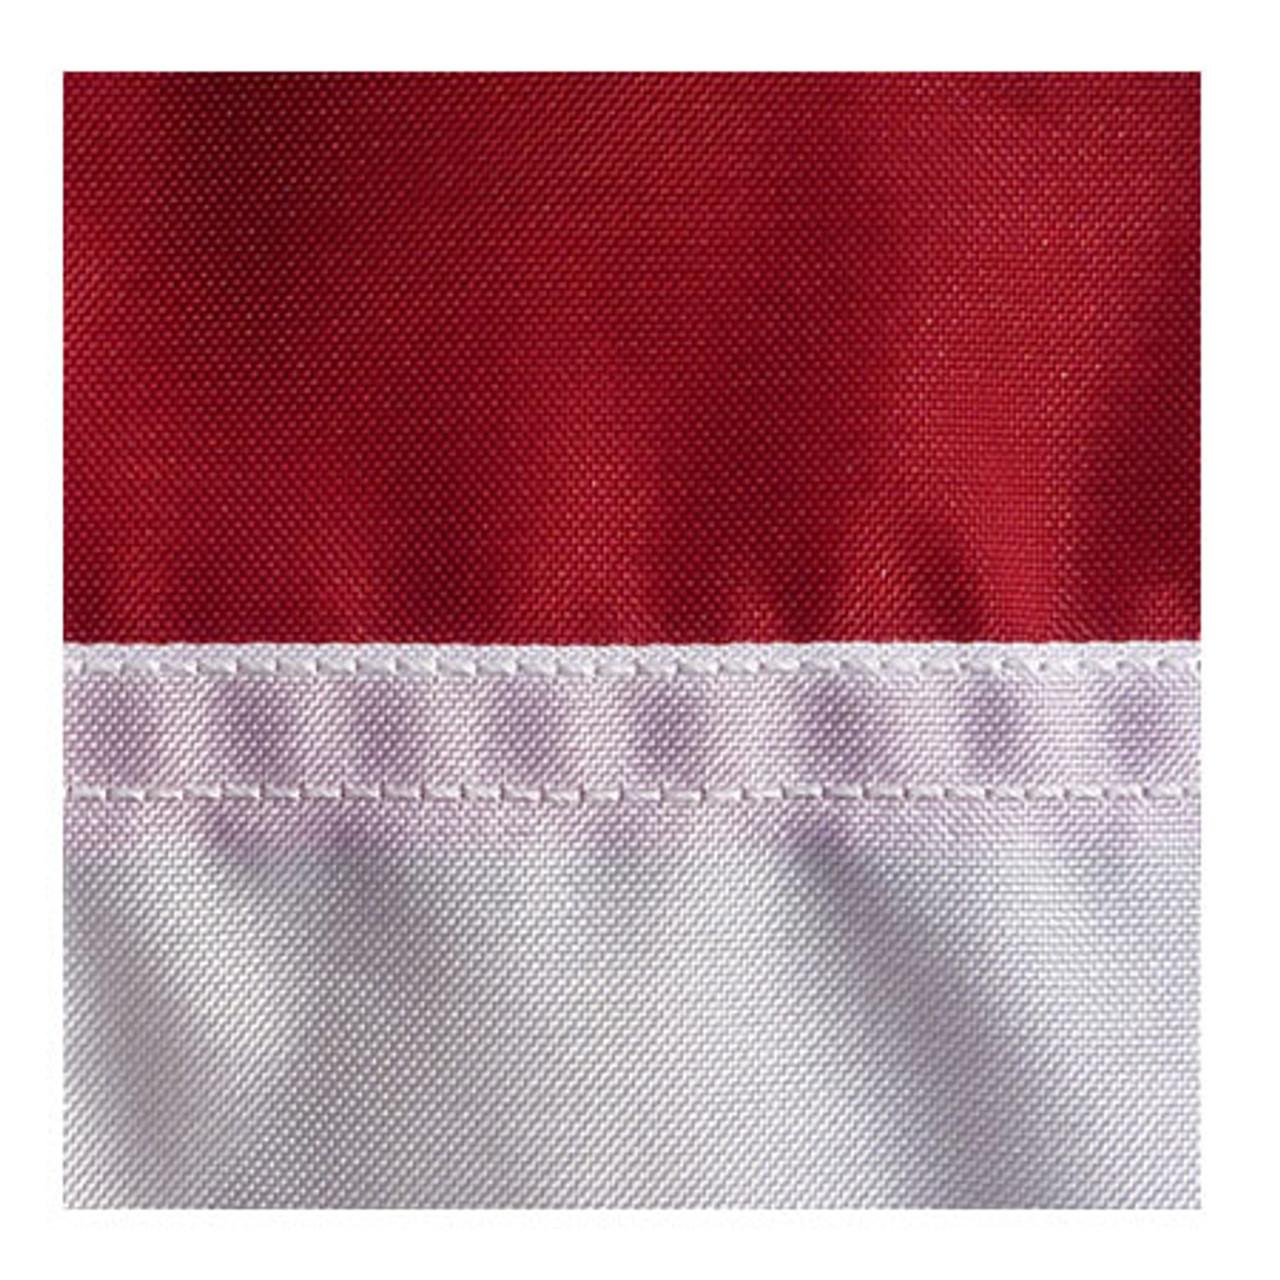 8' x 12' Nylon Texas Flag